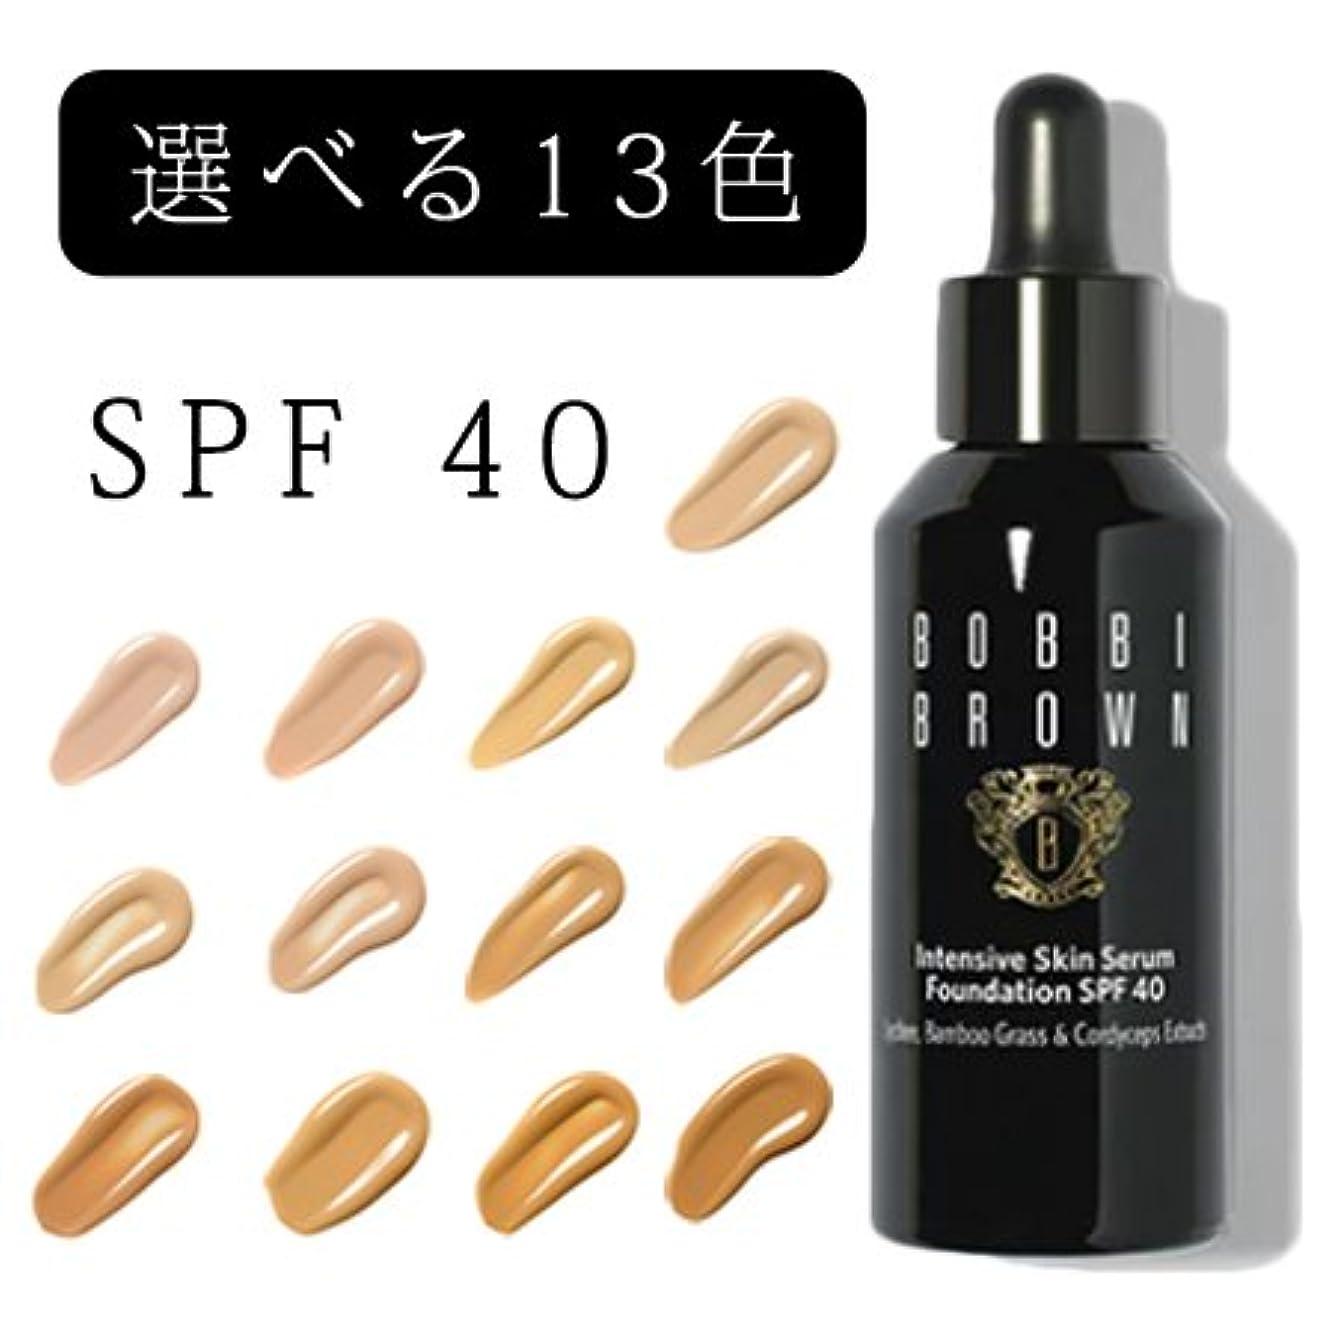 ボビイブラウン インテンシブ スキン セラム ファンデーション SPF 40 (PA++++) 13色展開 -BOBBI BROWN- ウォームアイボリー